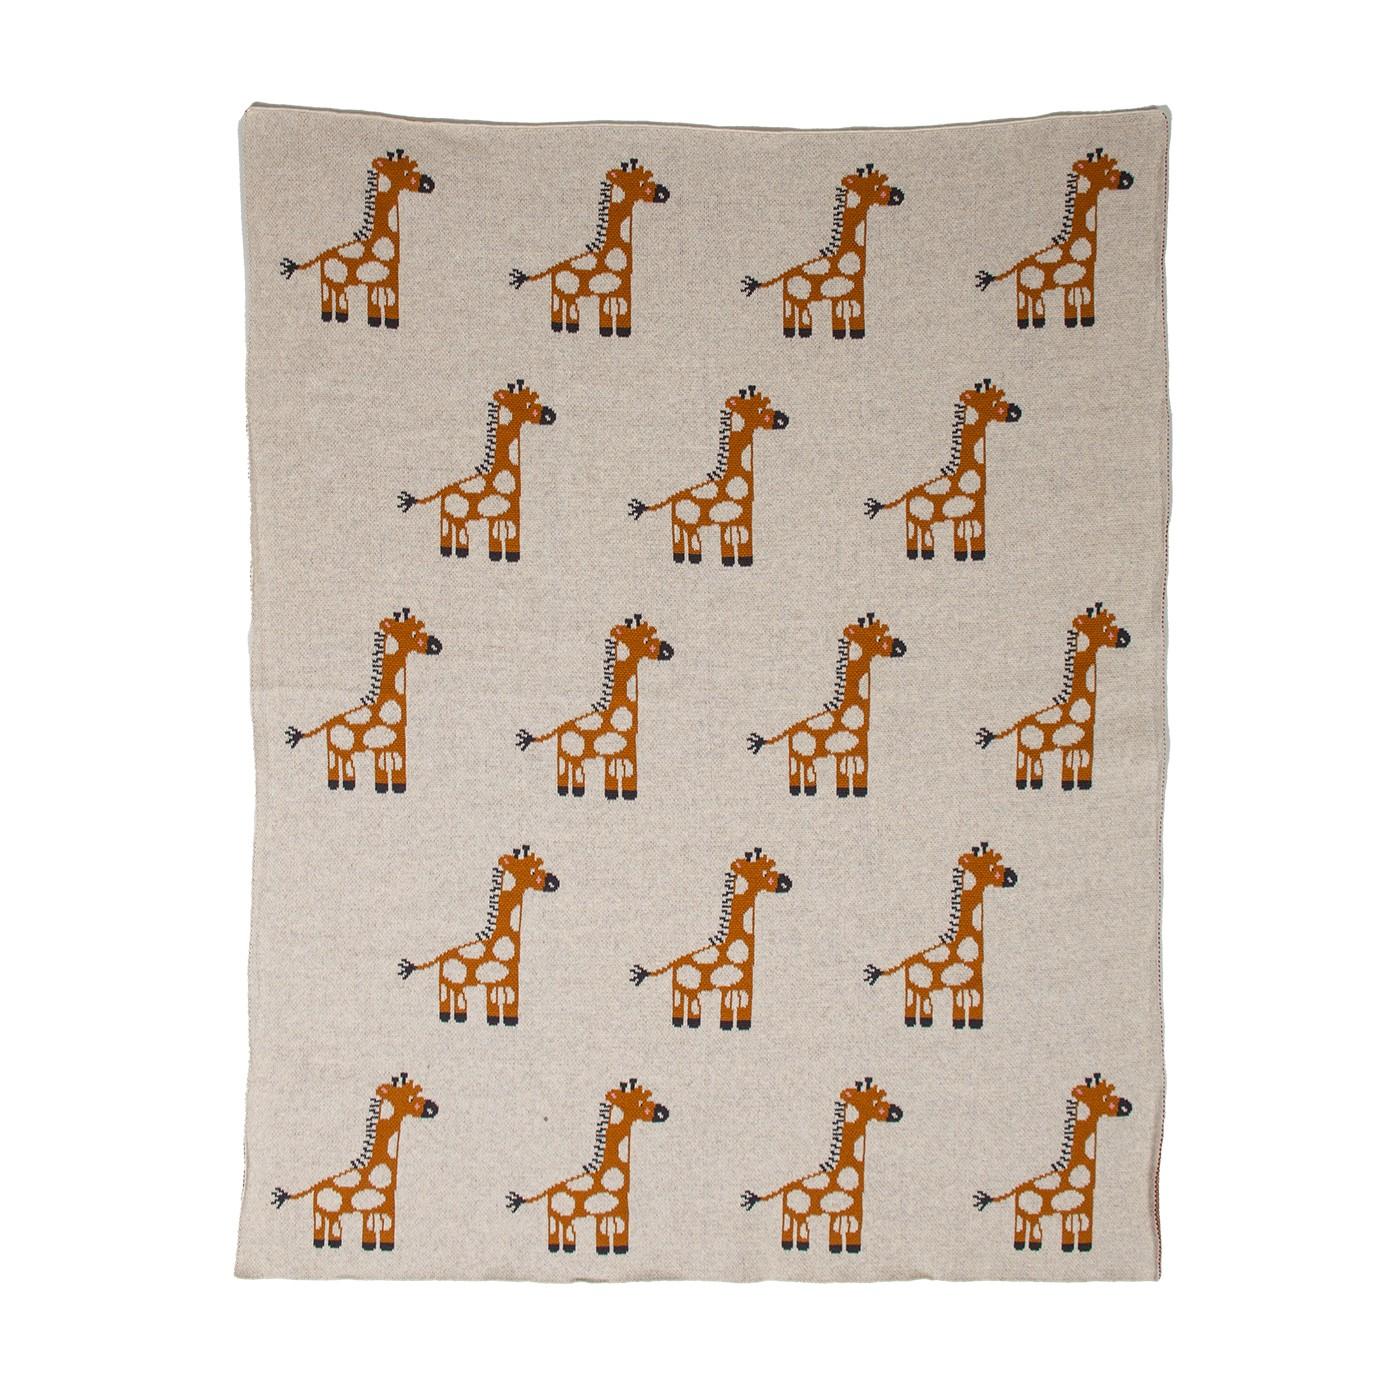 Ivory Giraffe Knitted Baby Blanket